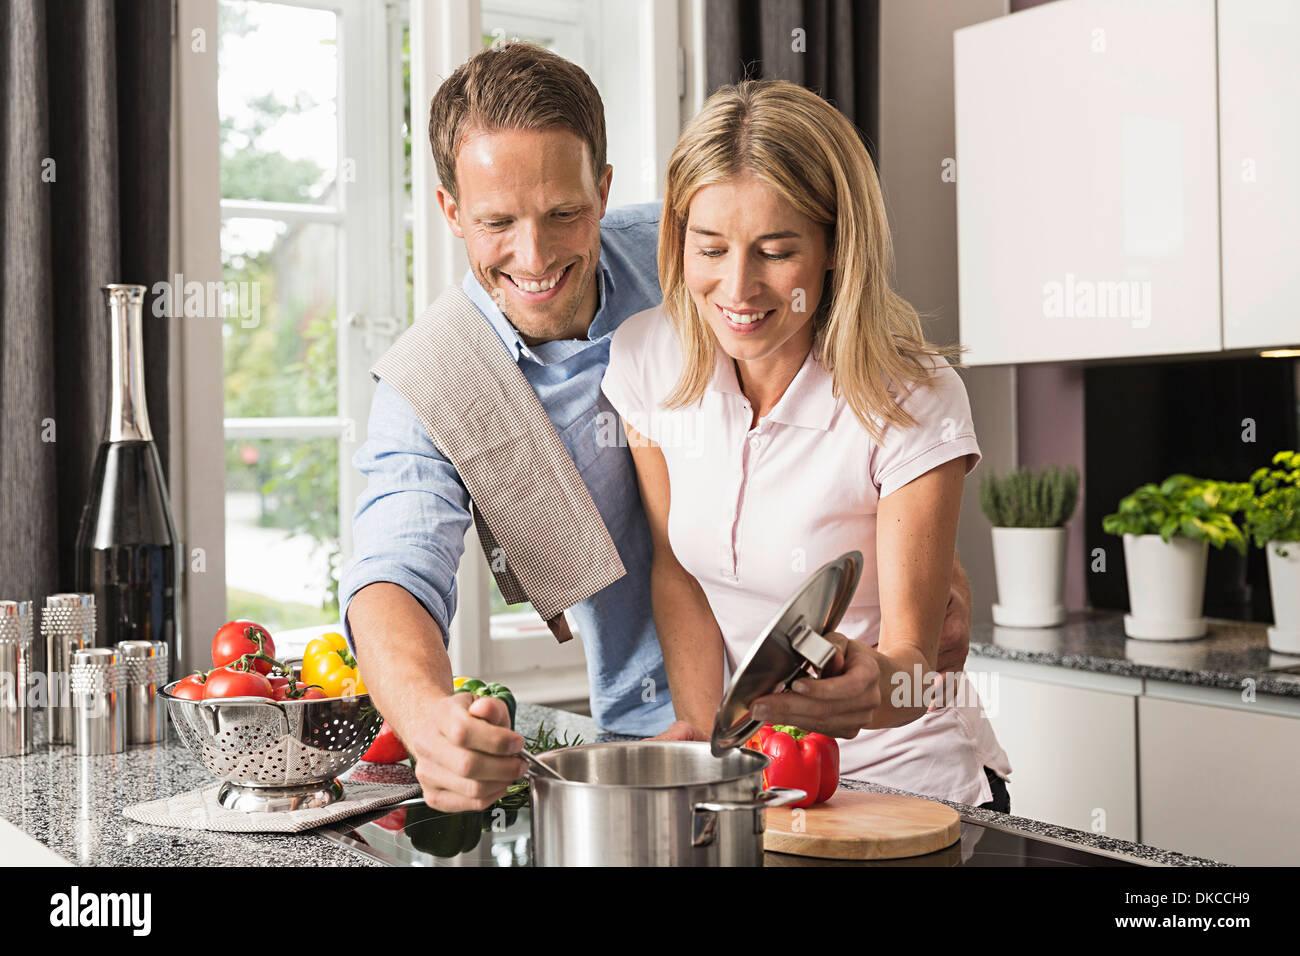 Mid adult couple preparing food - Stock Image